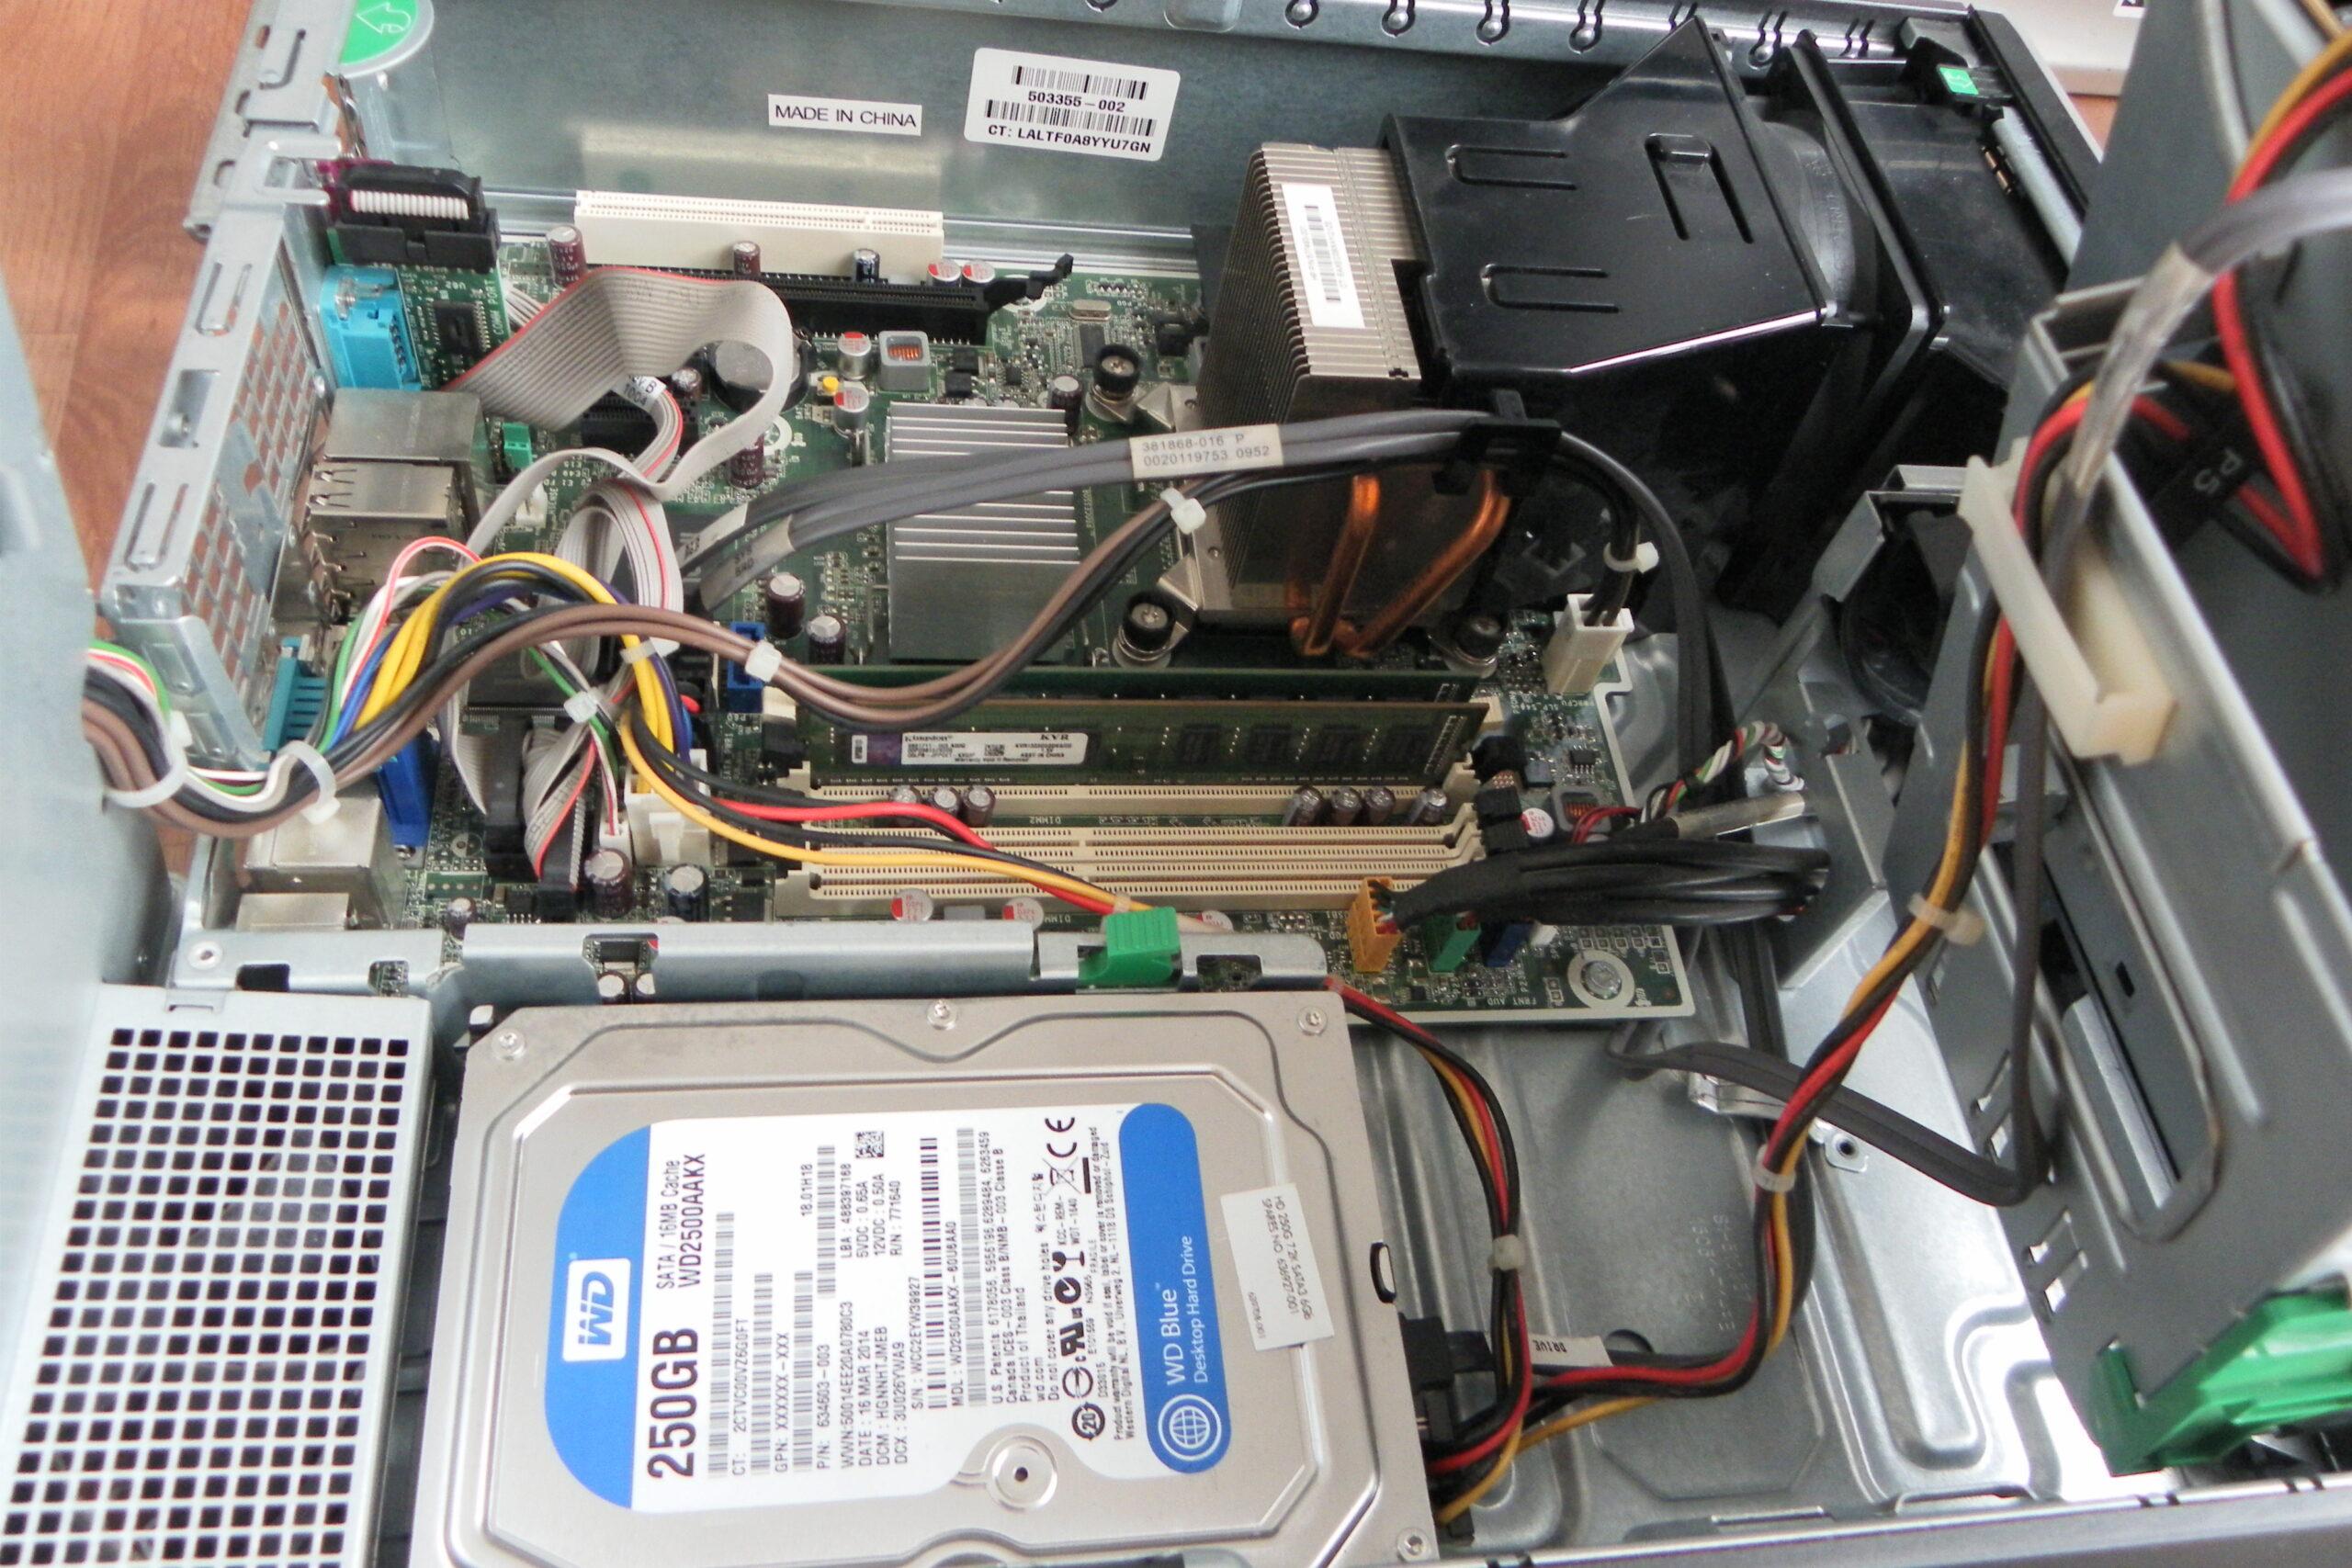 Potenziamento HP Compaq 8000 Small From Fedor